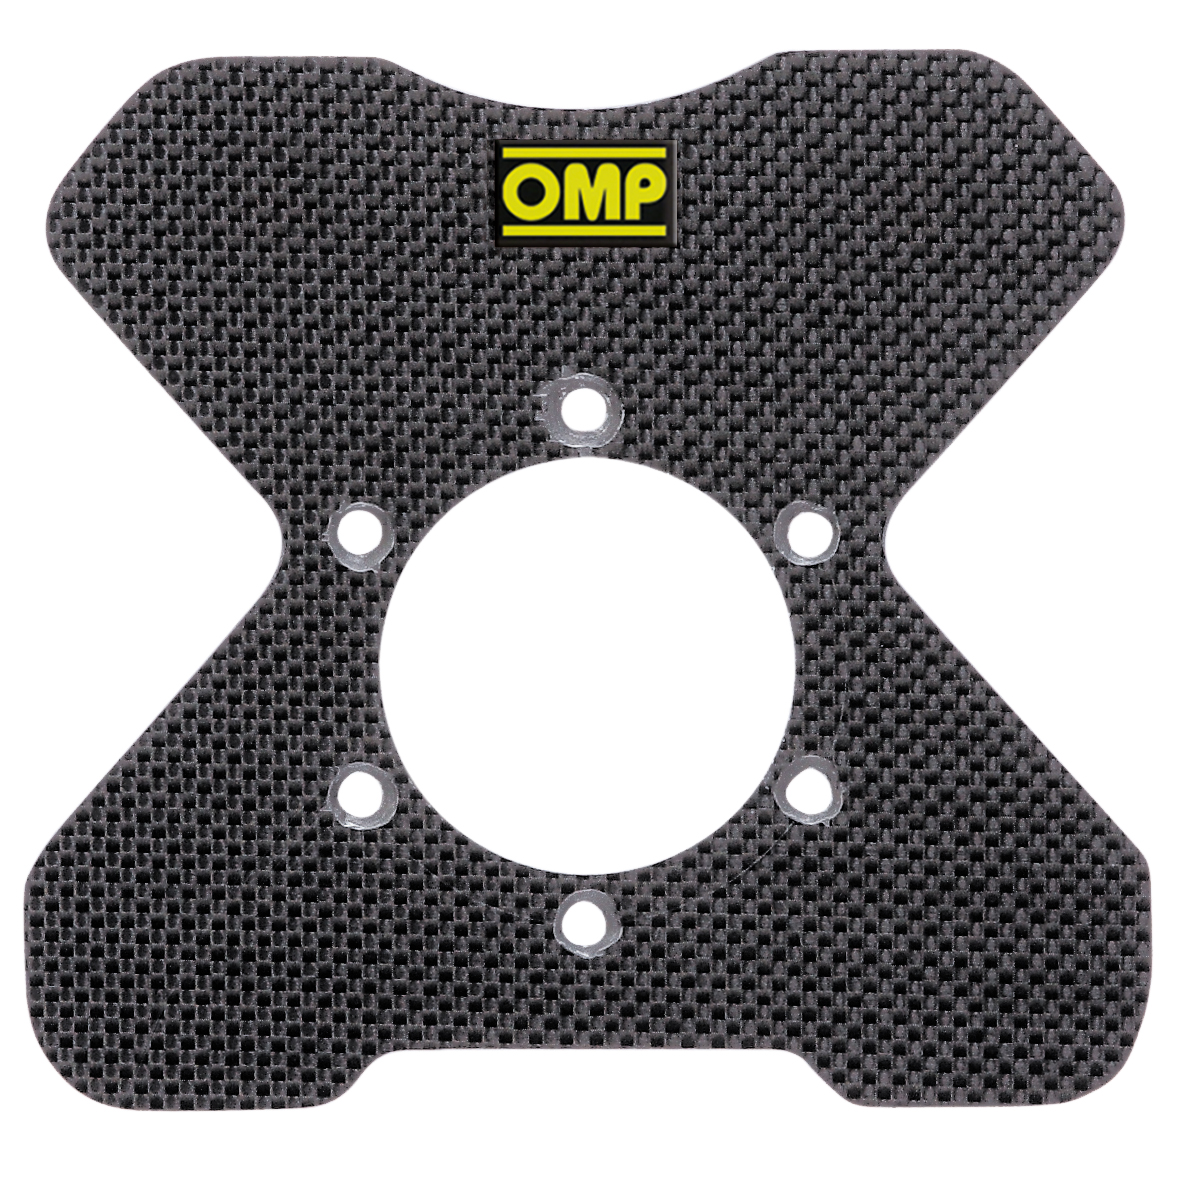 OMP Schalterplatte aus Carbon